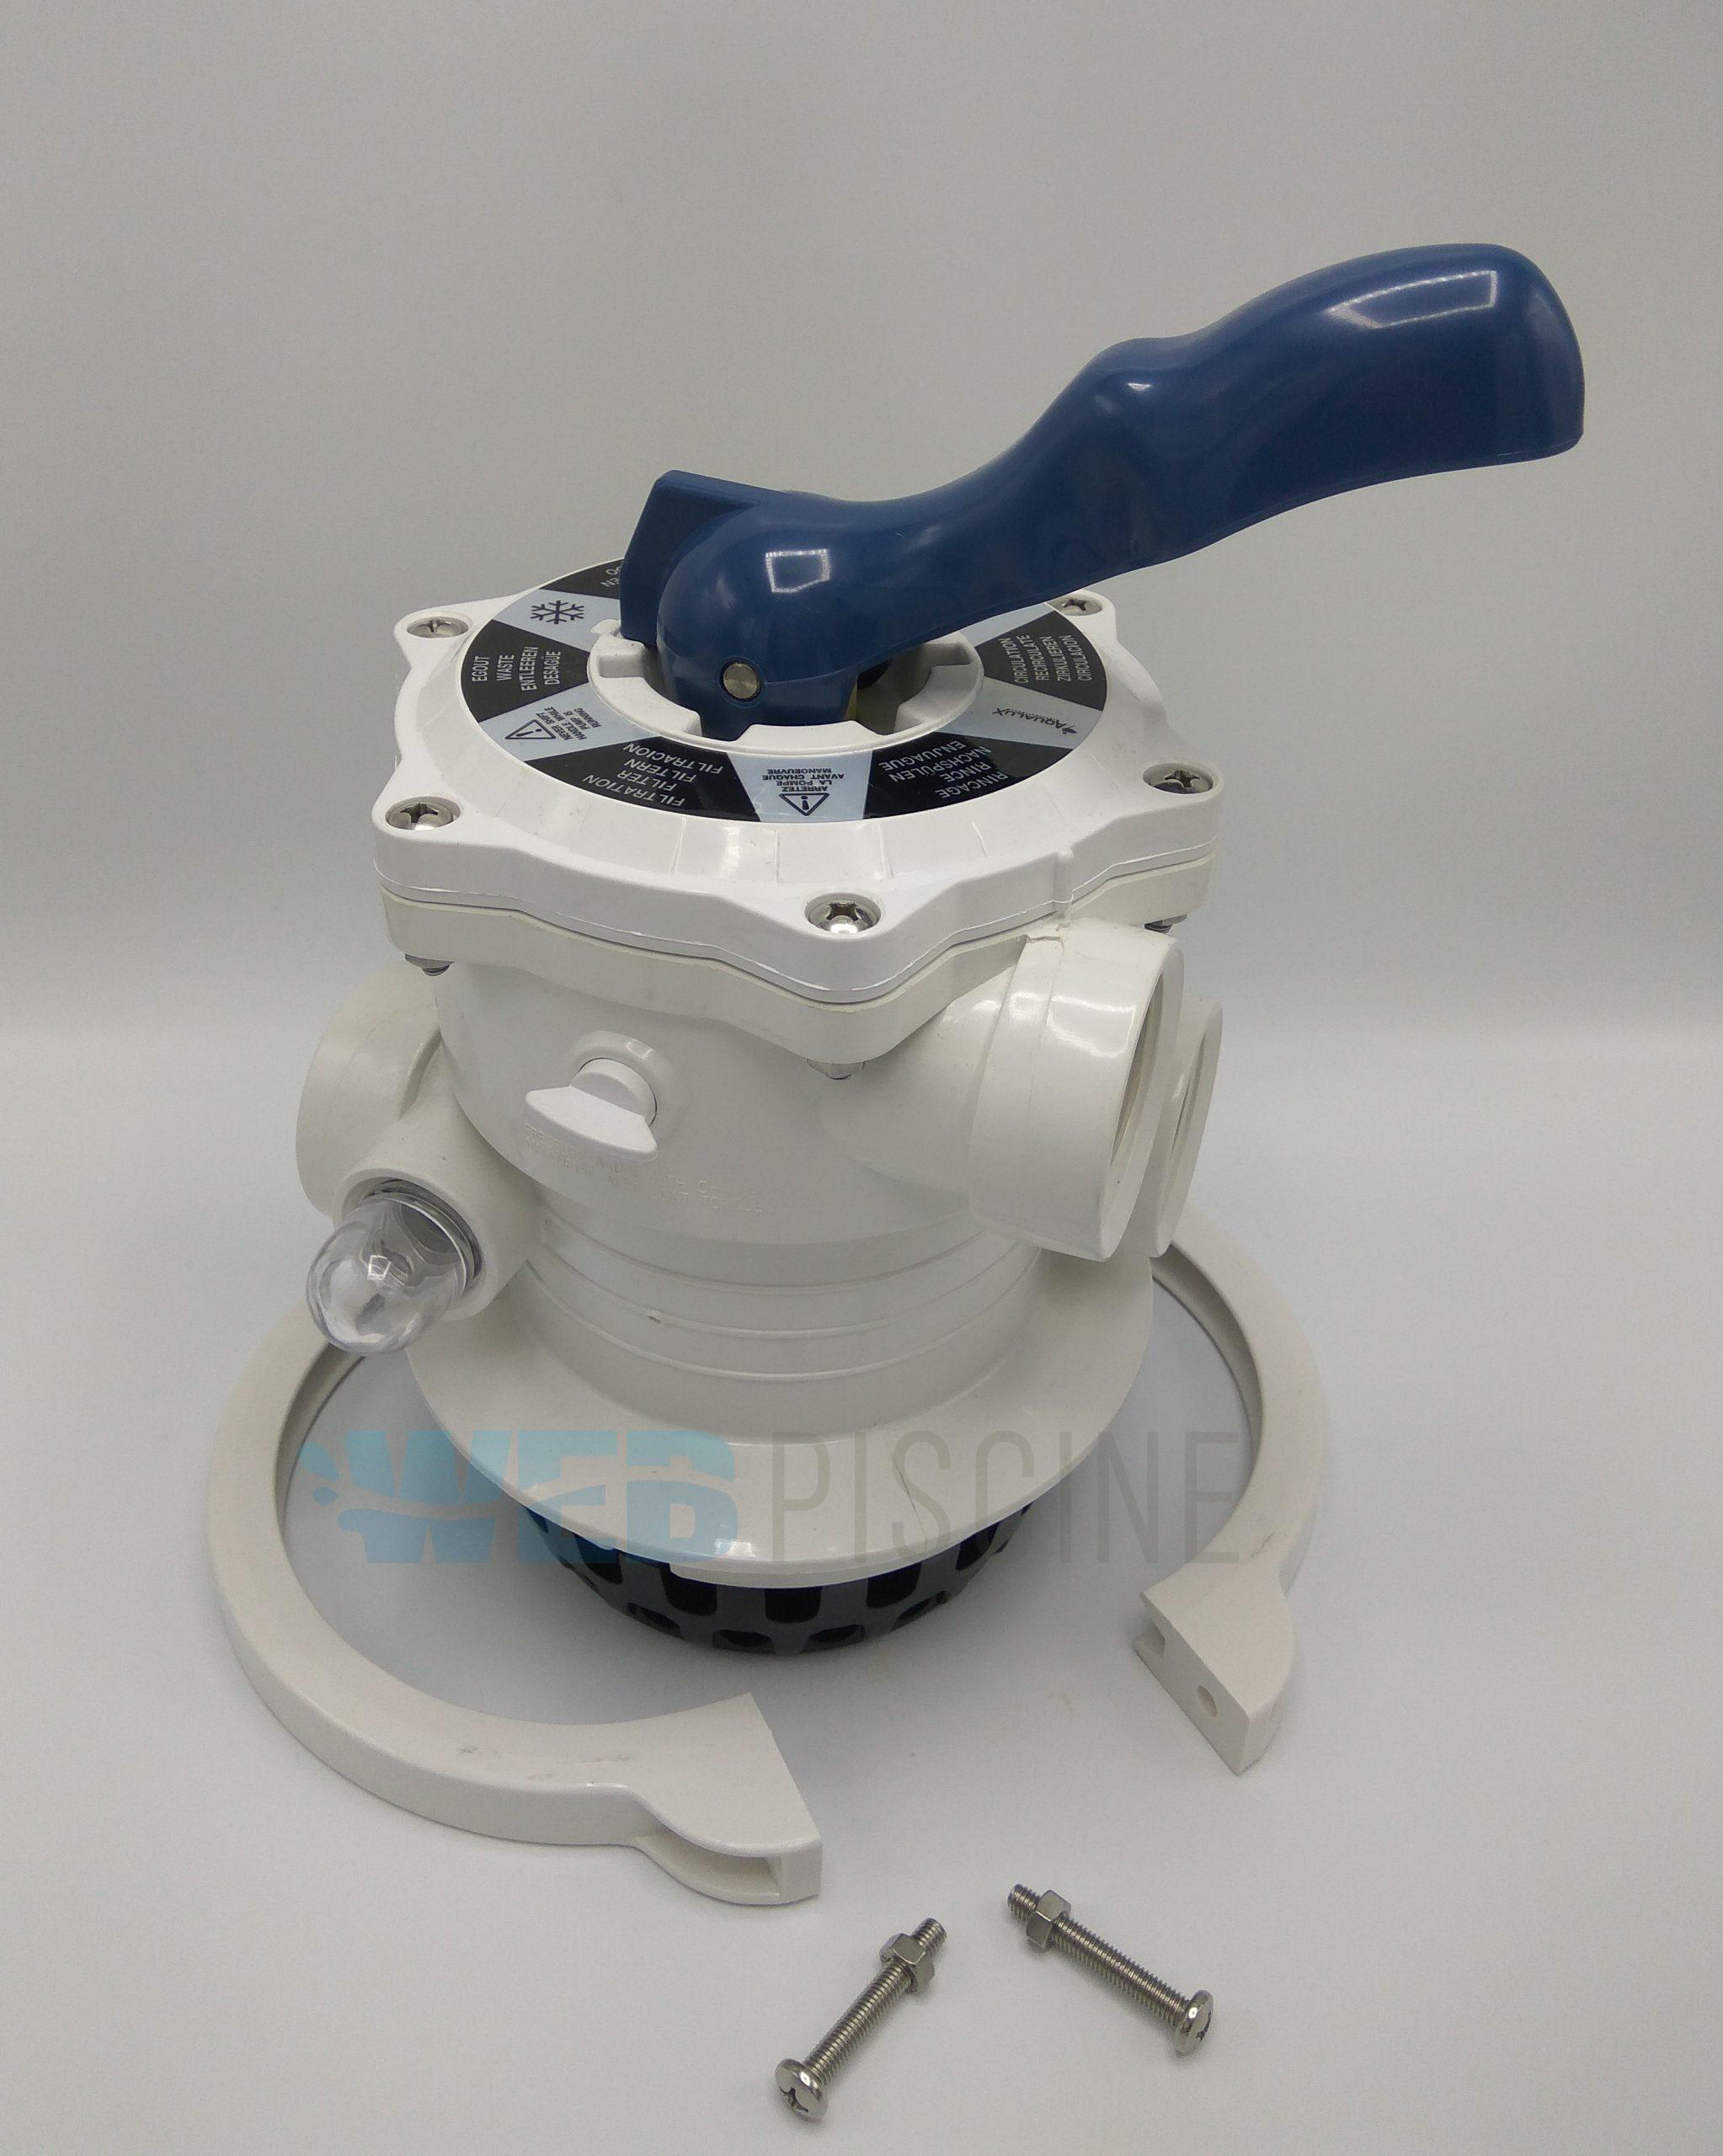 Vanne 6 Voies Top Pour Platine Edg Aqualux intérieur Nettoyage Filtre Piscine Vanne 6 Voies